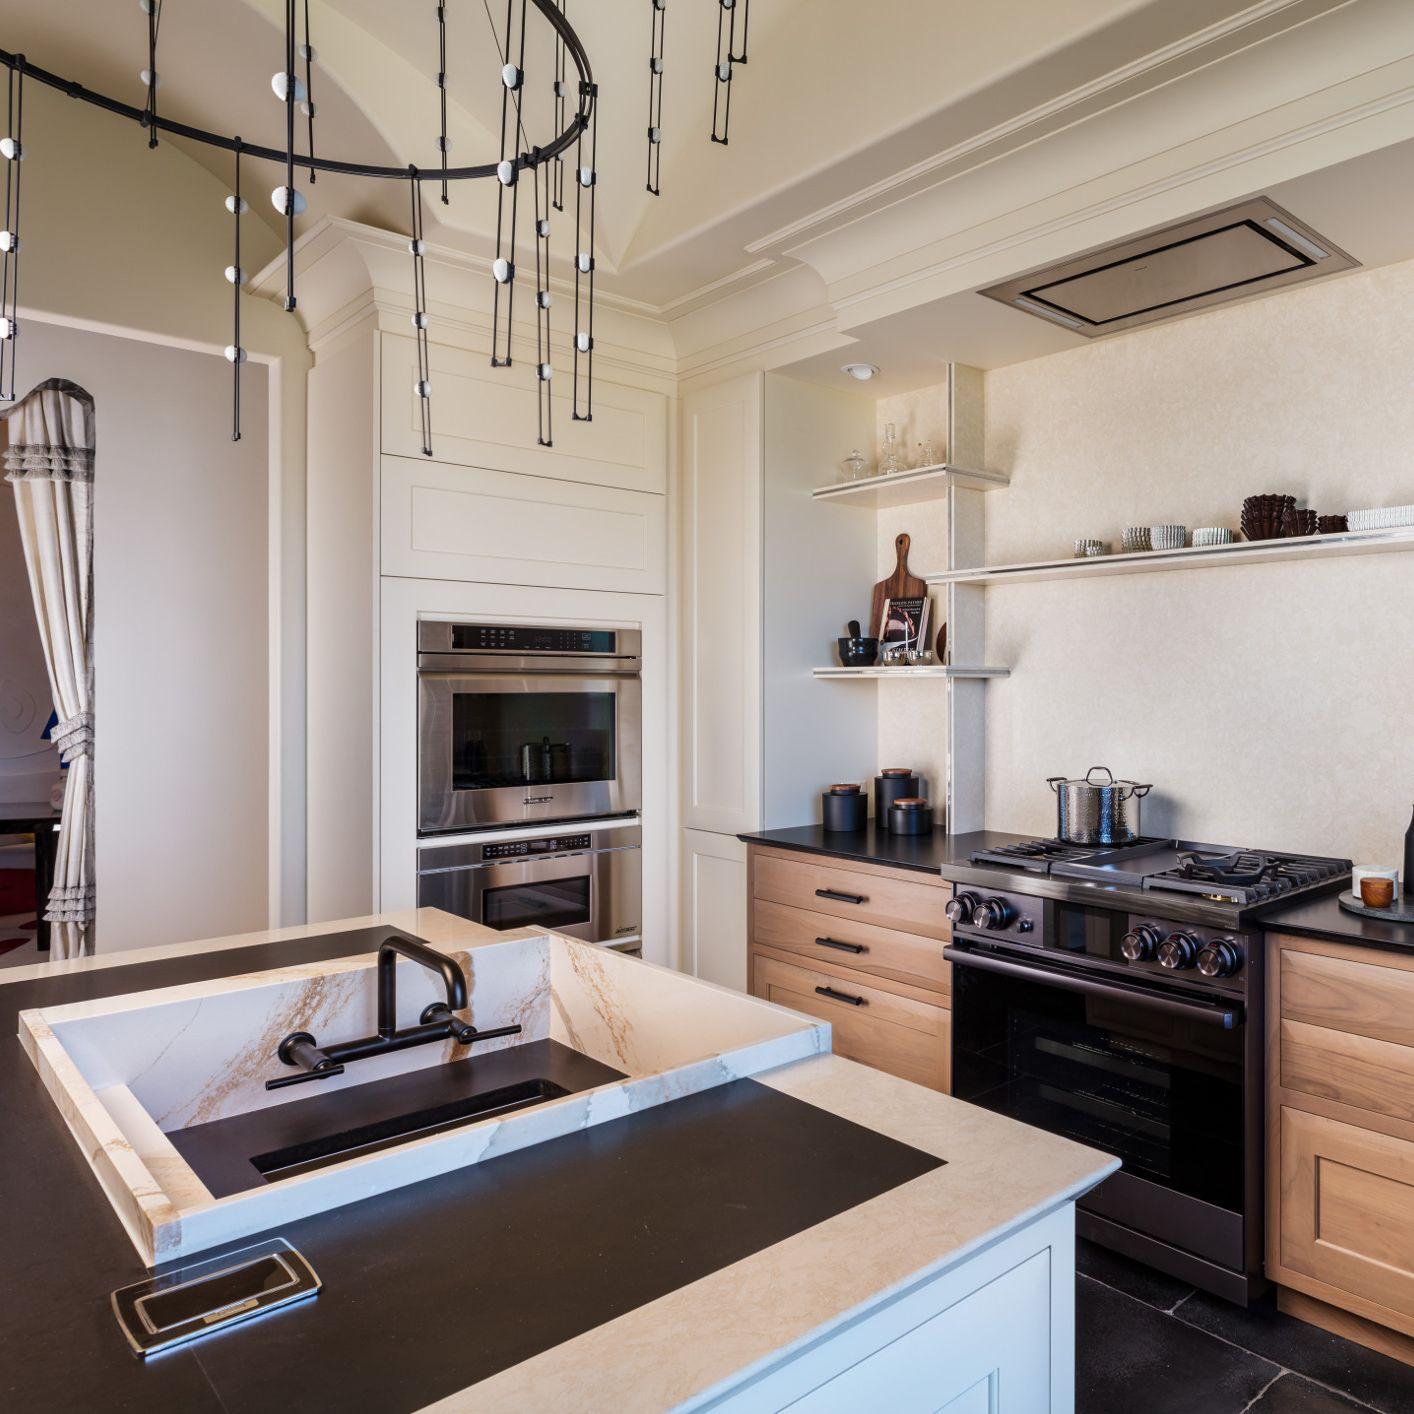 Kips Bay Kitchen